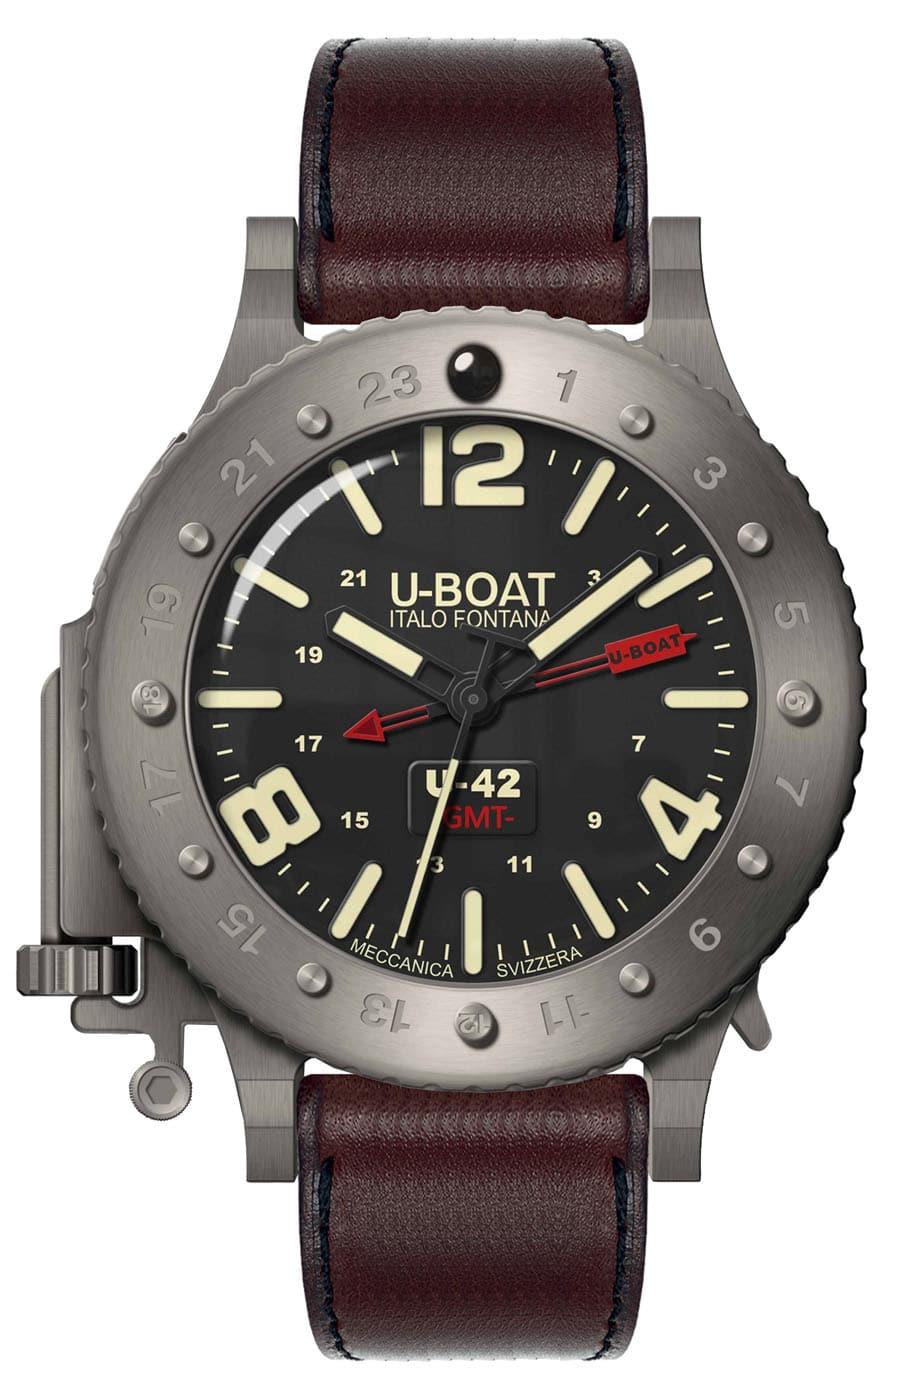 Uhren-Ikonen und ihre Alternativen: U-Boat U-42 GMT